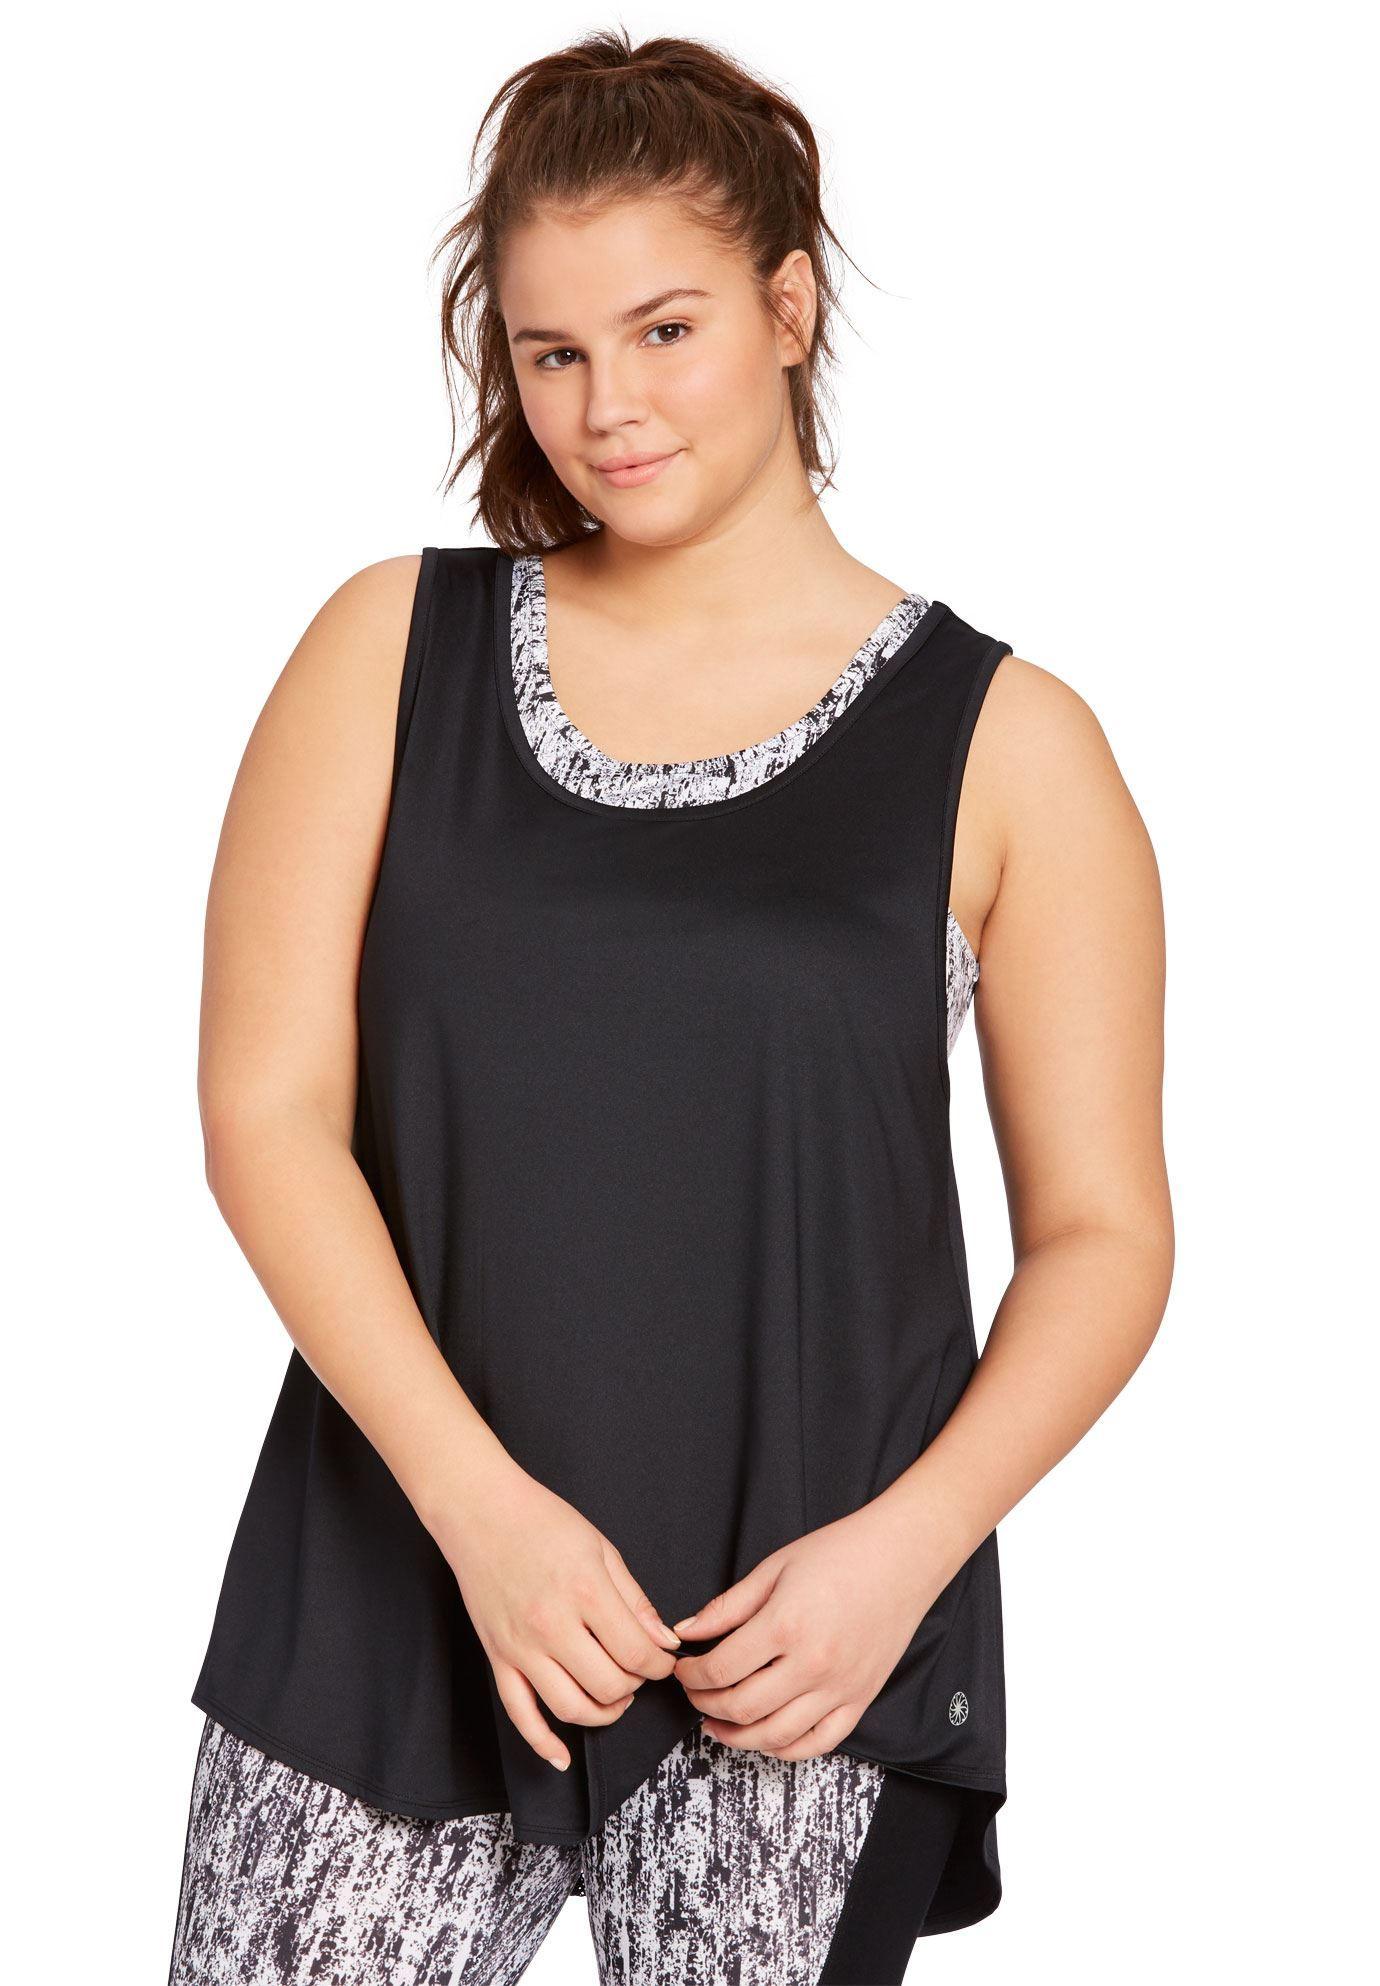 Layered look mesh bra tank by fullbeauty SPORT® Women's